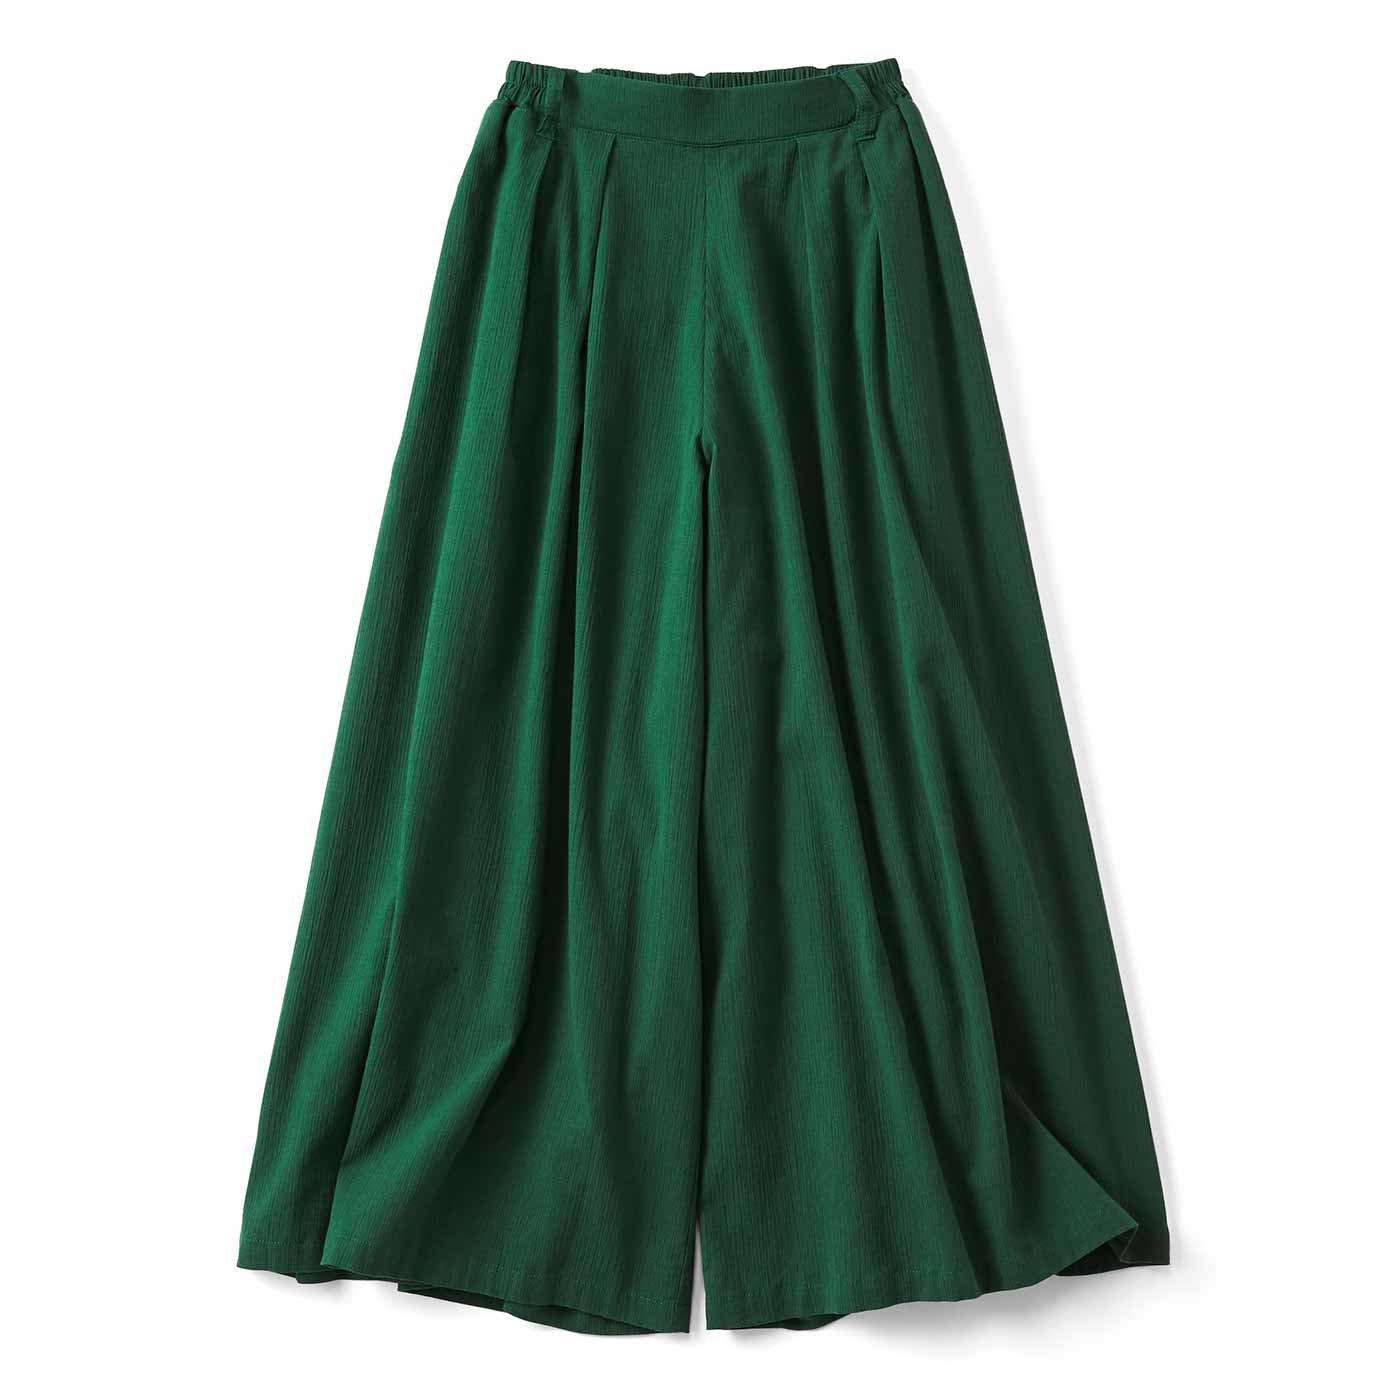 リブ イン コンフォート スカート見えする! コットン楊柳(ようりゅう)フレアーパンツ〈グリーン〉